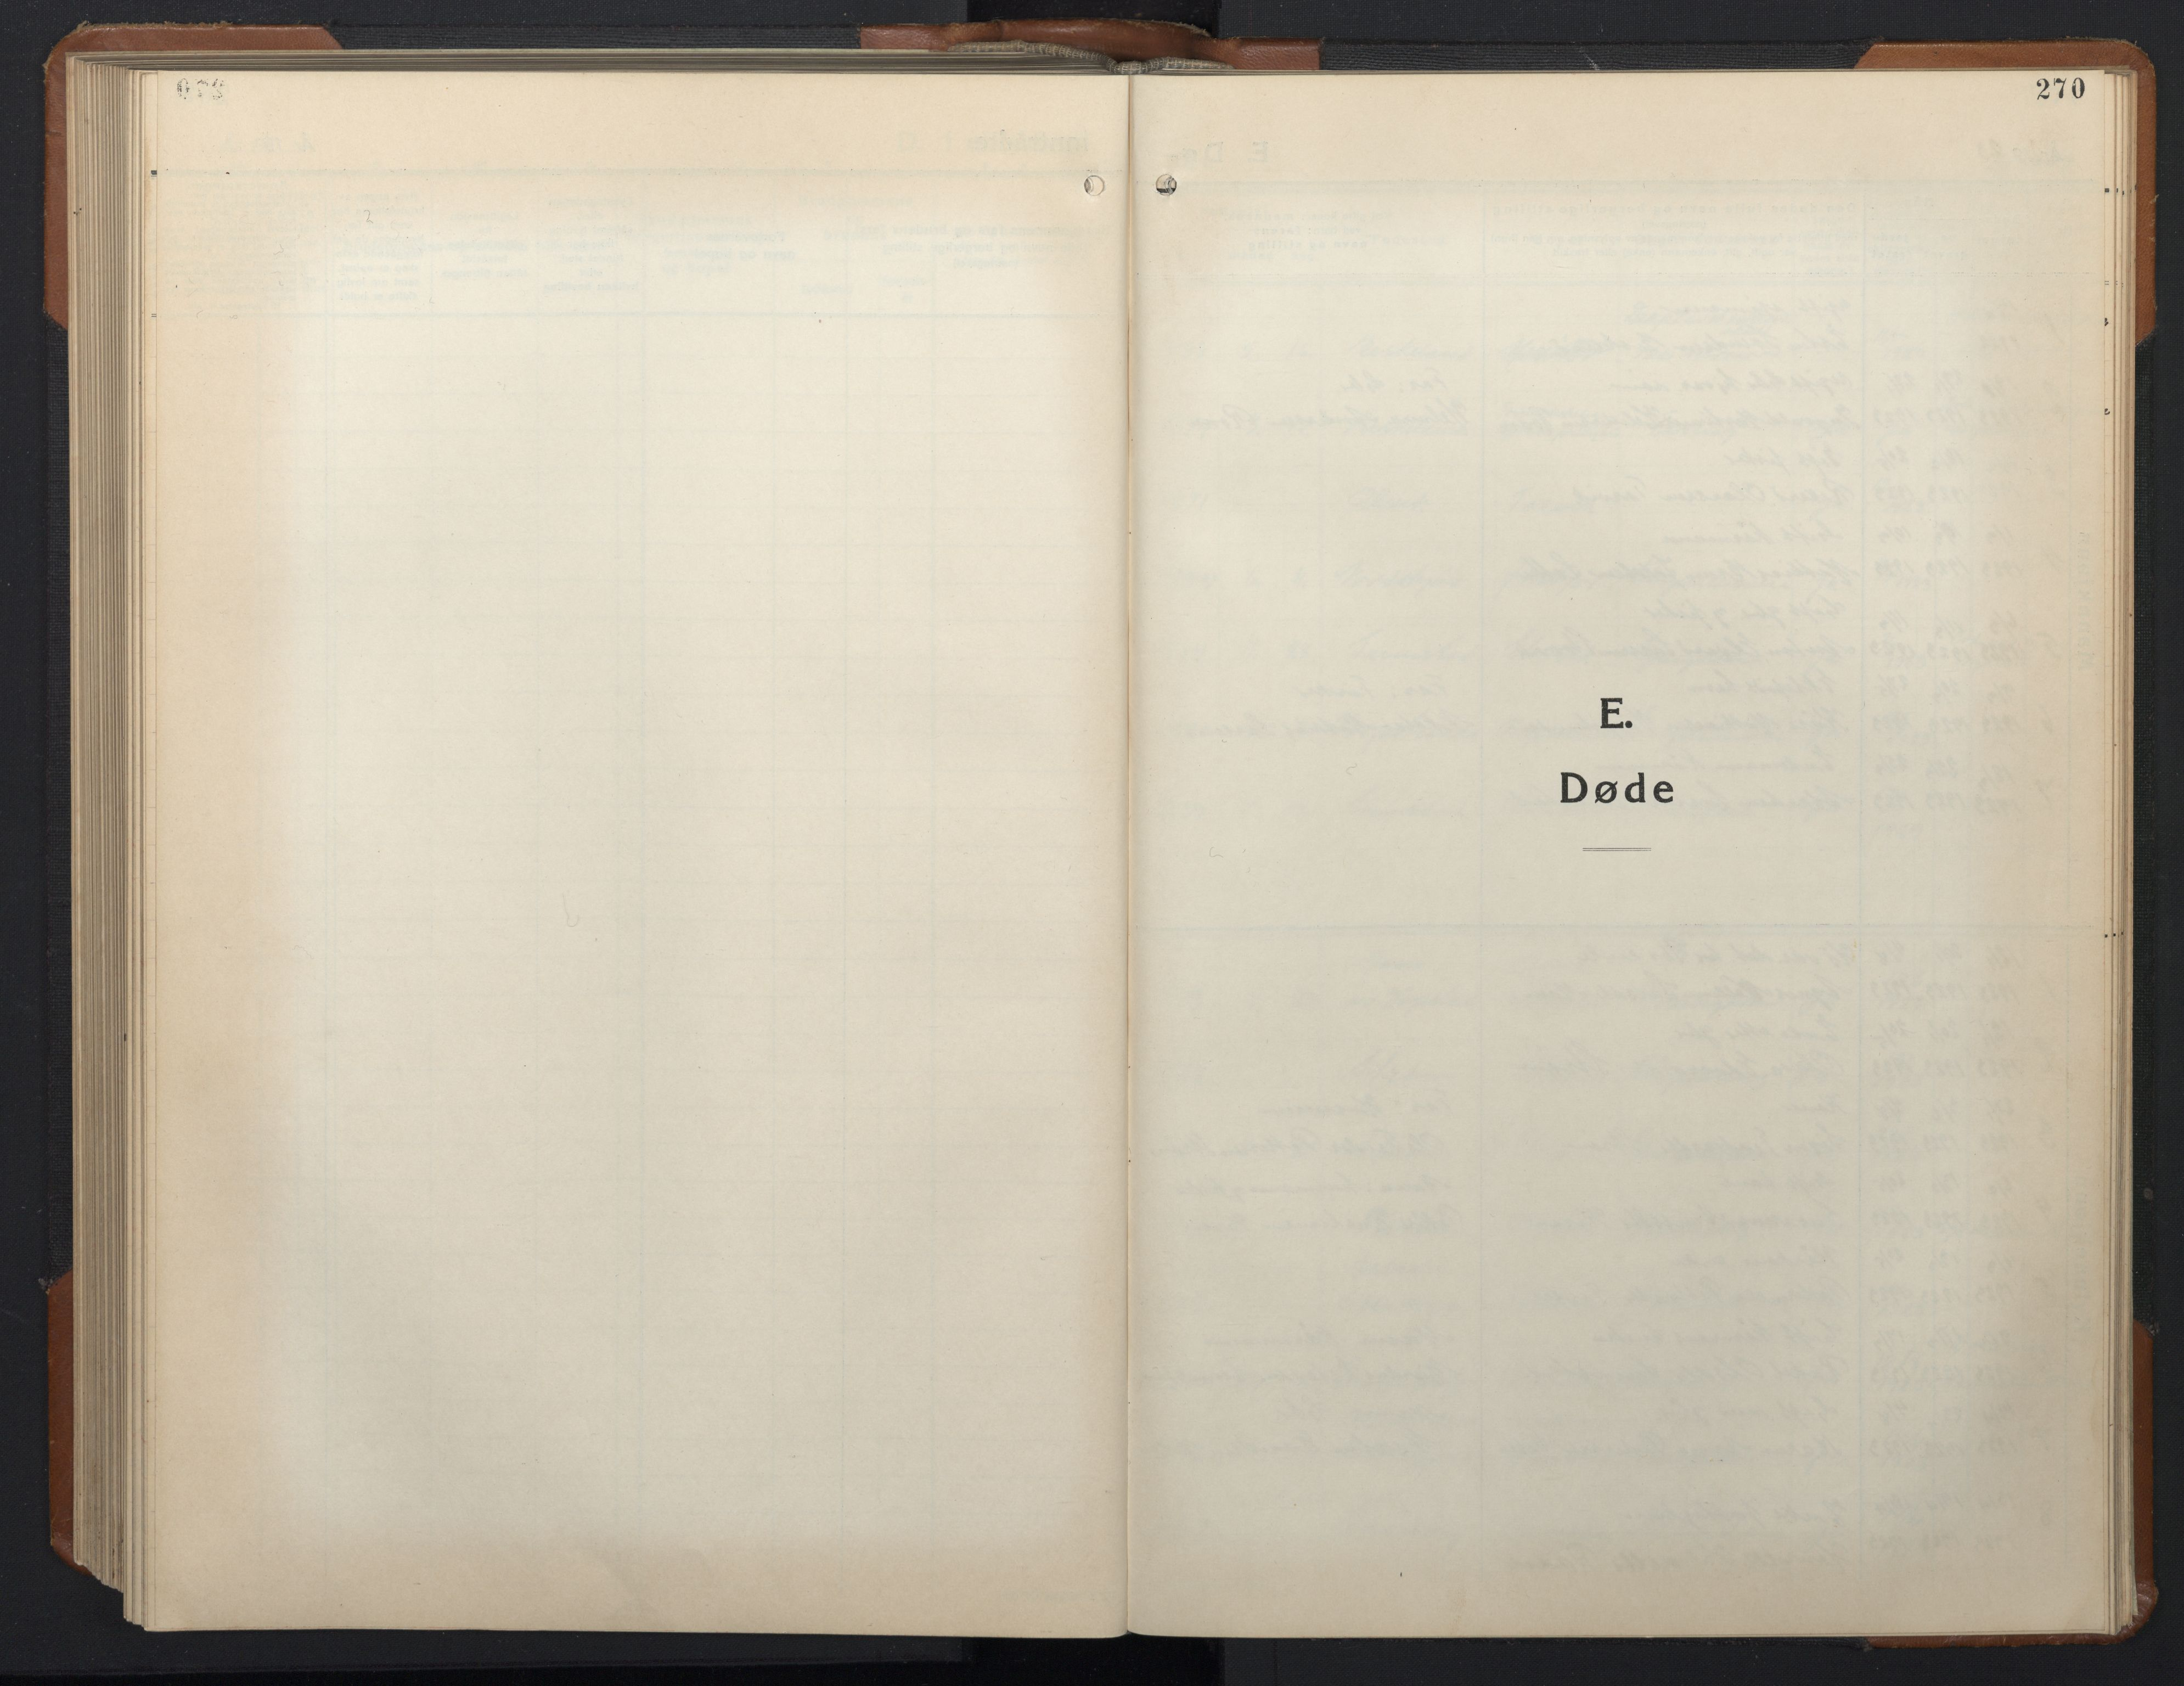 SAT, Ministerialprotokoller, klokkerbøker og fødselsregistre - Sør-Trøndelag, 657/L0718: Klokkerbok nr. 657C05, 1923-1948, s. 270